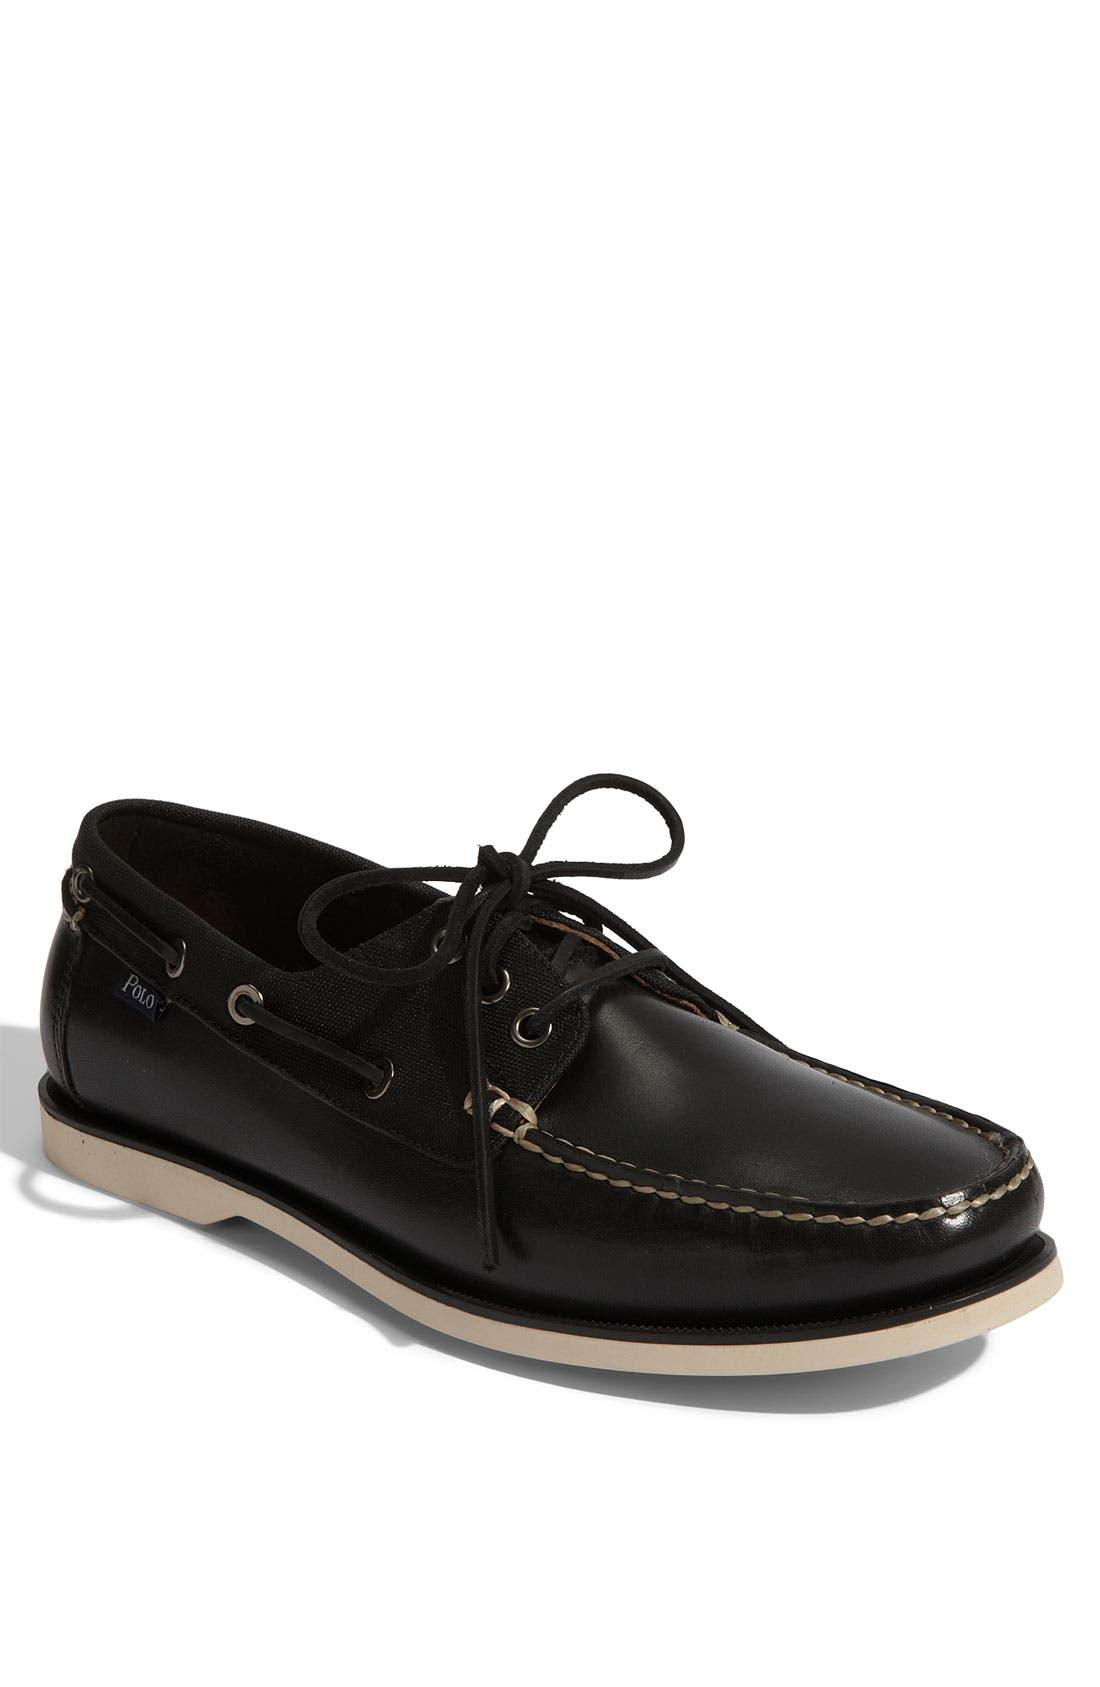 POLO RALPH LAUREN 'Bienne' Boat Shoe, Main, color, 001